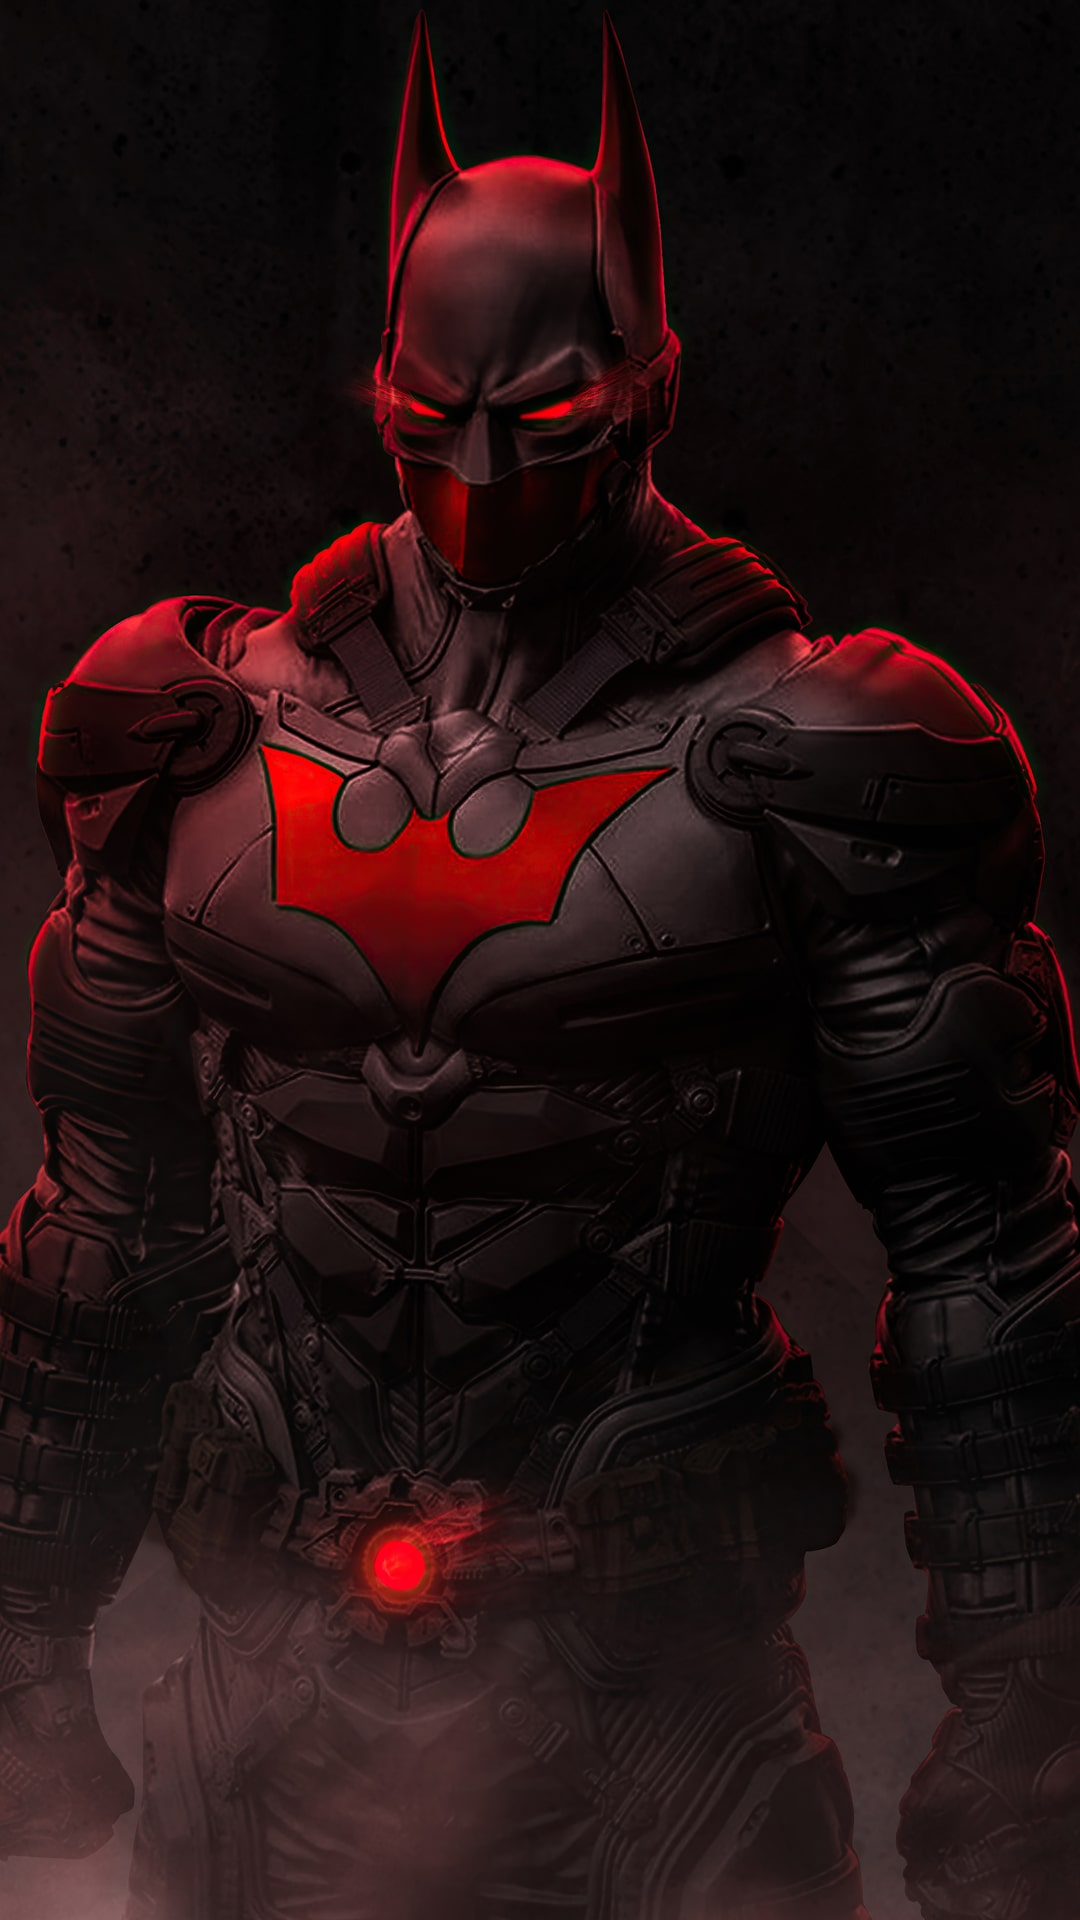 The Batman Beyond